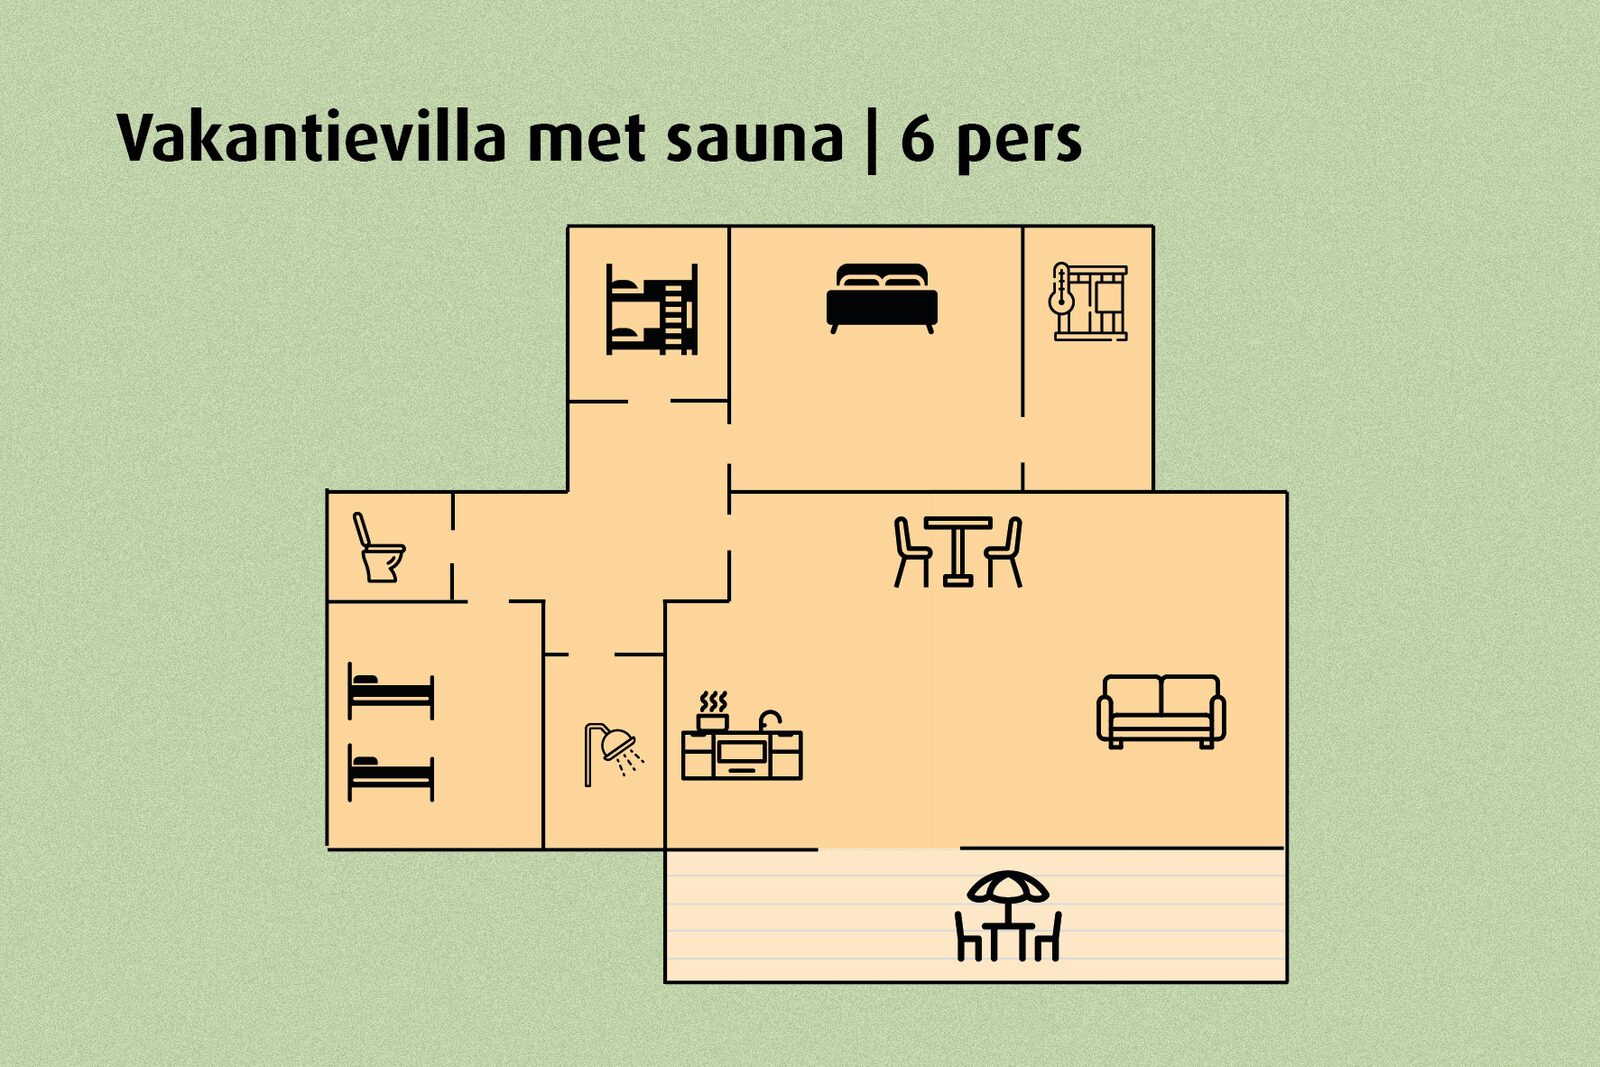 Vakantievilla met sauna | 6 pers.